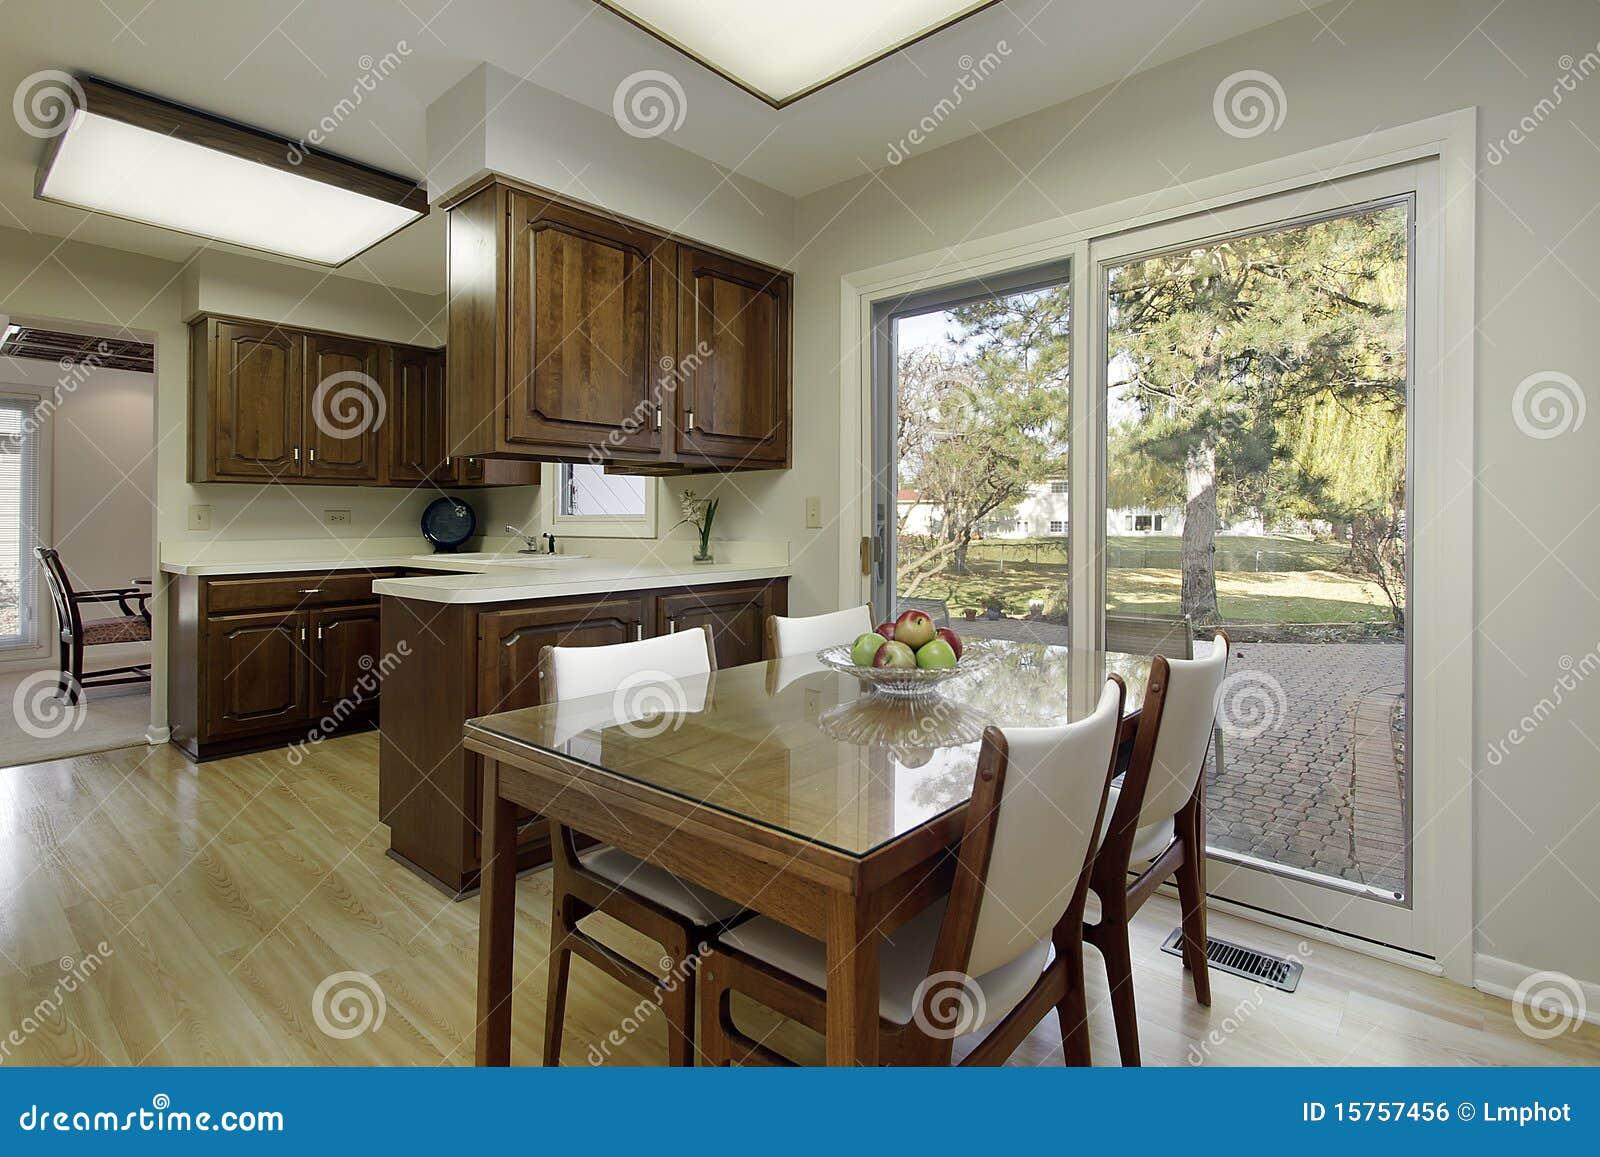 Cuisine avec le cabinetry en bois foncé